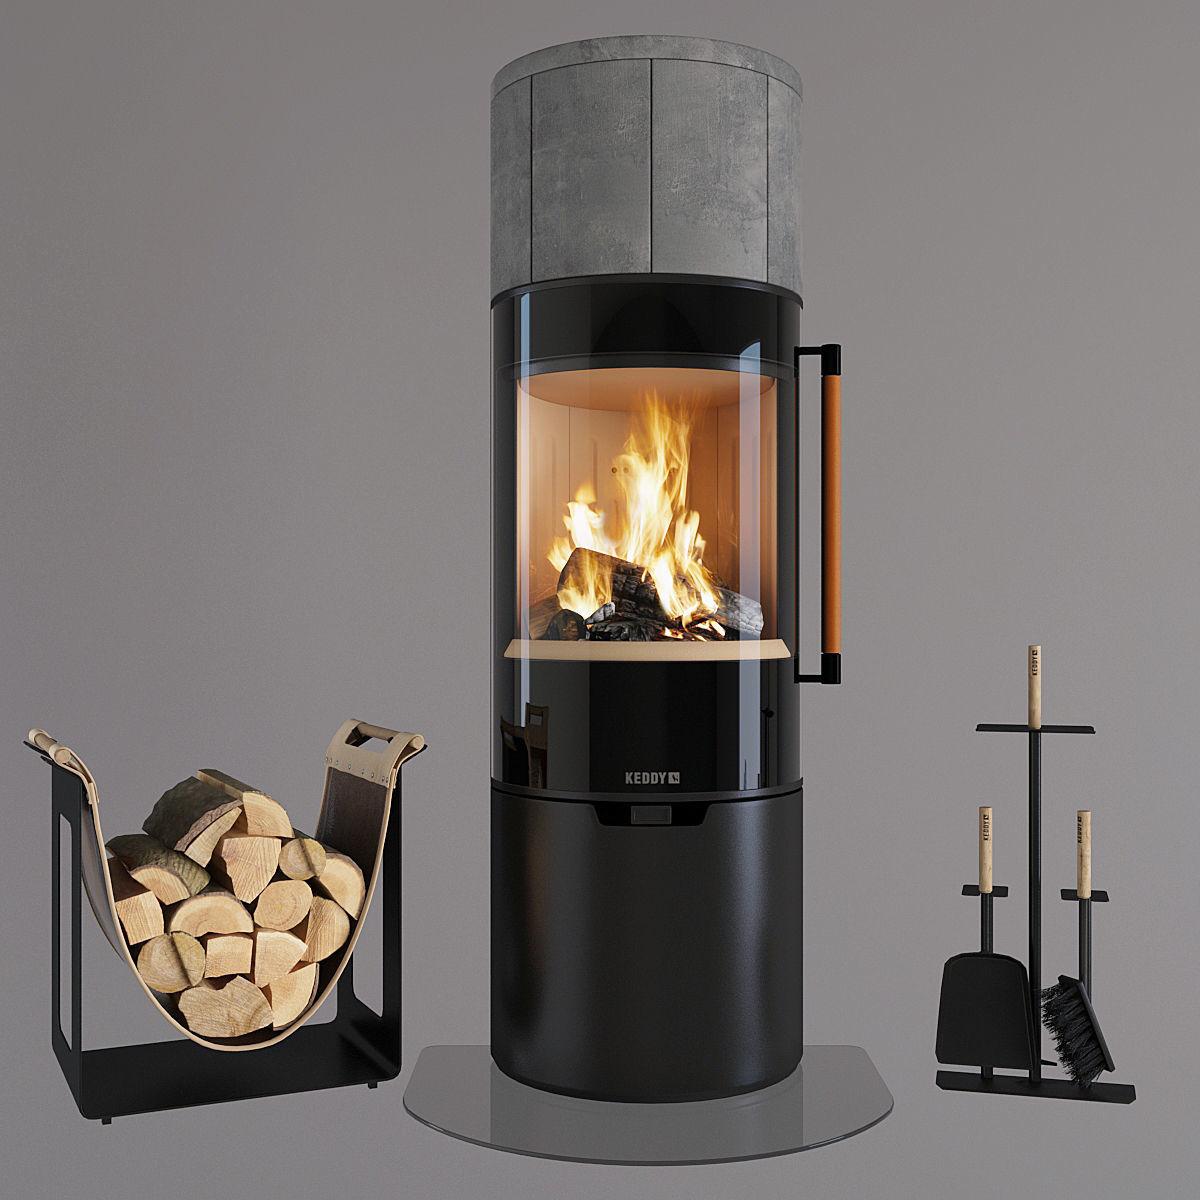 Fireplace Keddy K900T